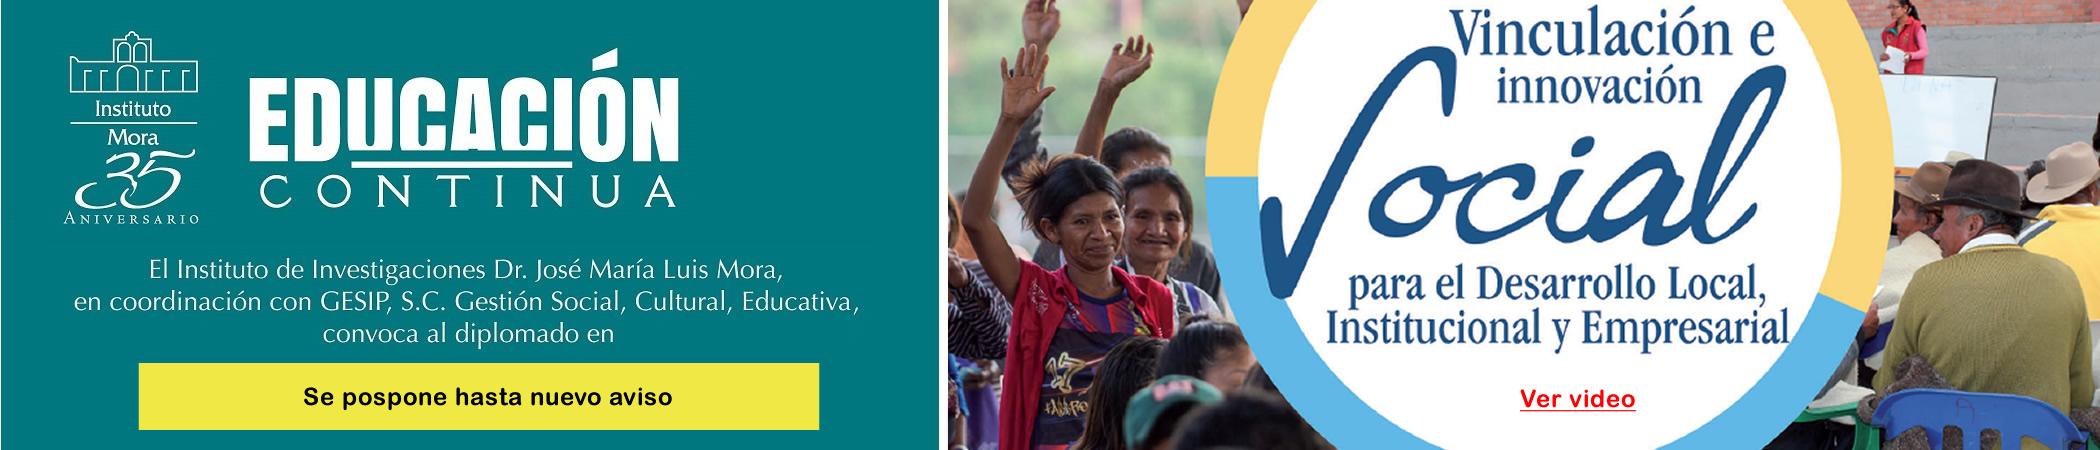 Vinculación e innovación Social para el Desarrollo Local, Institutcional y Empresarial